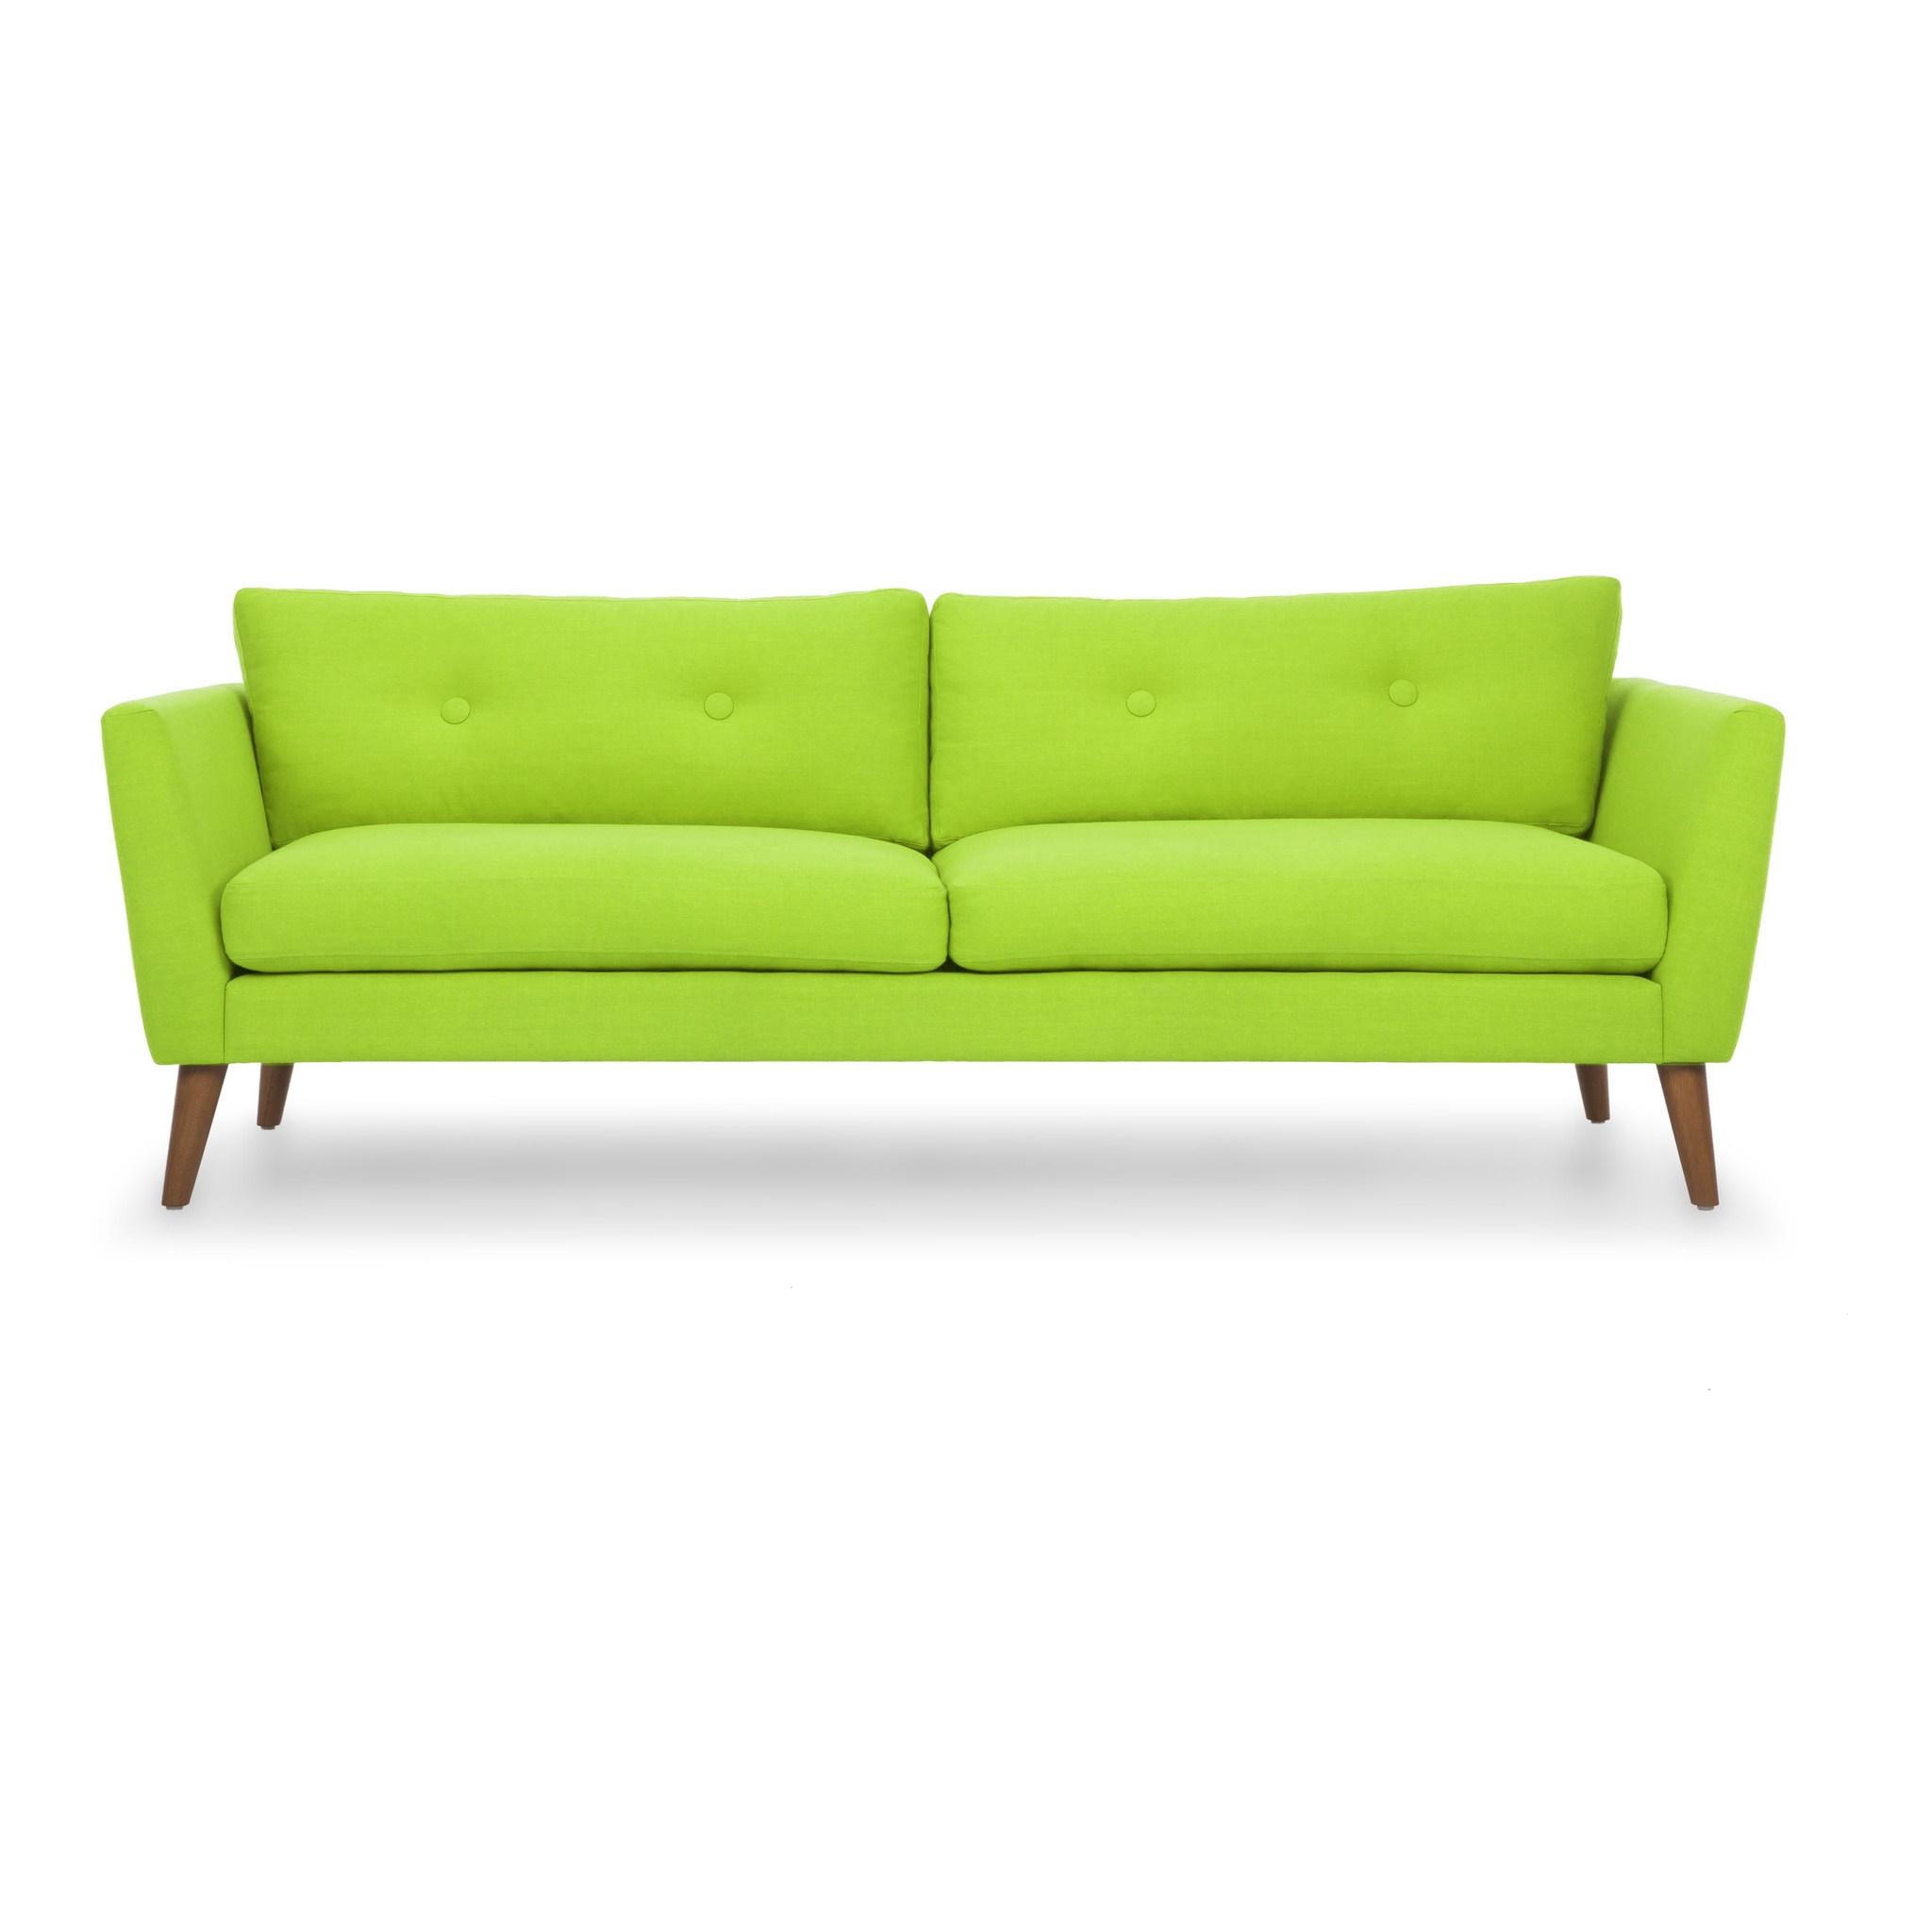 Трехместный диван Хадсон L GREENТрехместные диваны<br>&amp;lt;div&amp;gt;Этот диван ? ценная находка для любителей стиля эко и природных расцветок. Оттенок свежего салата латука ? что может быть нежнее? Ярко, но естественно. Такая мебель мгновенно приковывает взгляд. Подушки украшены скромной точечной стяжкой, имеют съемные чехлы. Мягкое наполнение ? из полиуретана. Ножки изготовлены из массива дуба. Обивочная ткань приятна на ощупь, легко чистится.&amp;lt;/div&amp;gt;<br><br>Material: Текстиль<br>Width см: 209<br>Depth см: 89<br>Height см: 79